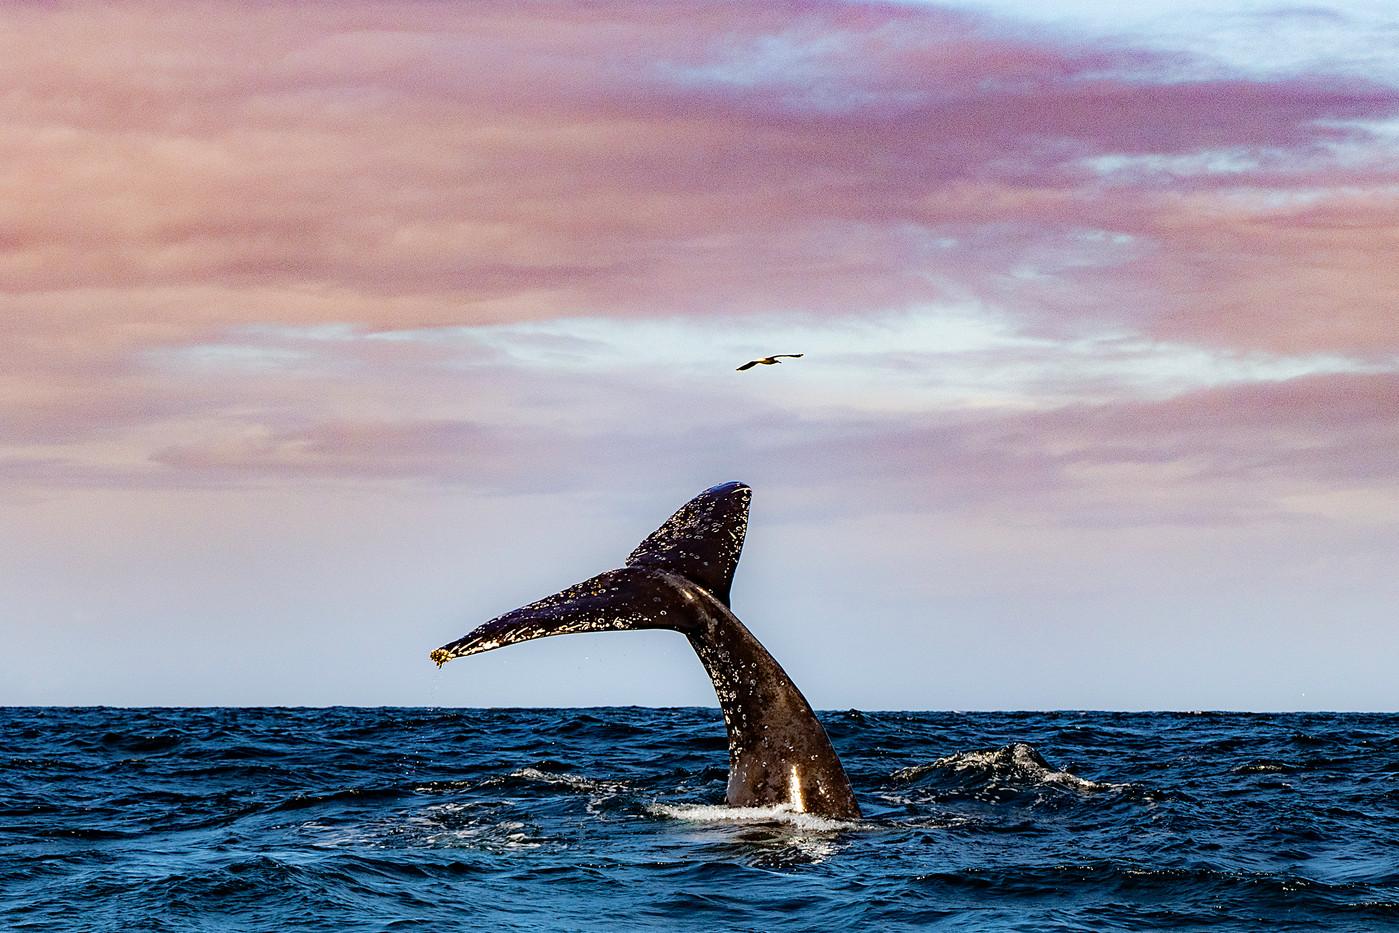 Humpback Whale off the the Gold Coast, Australia